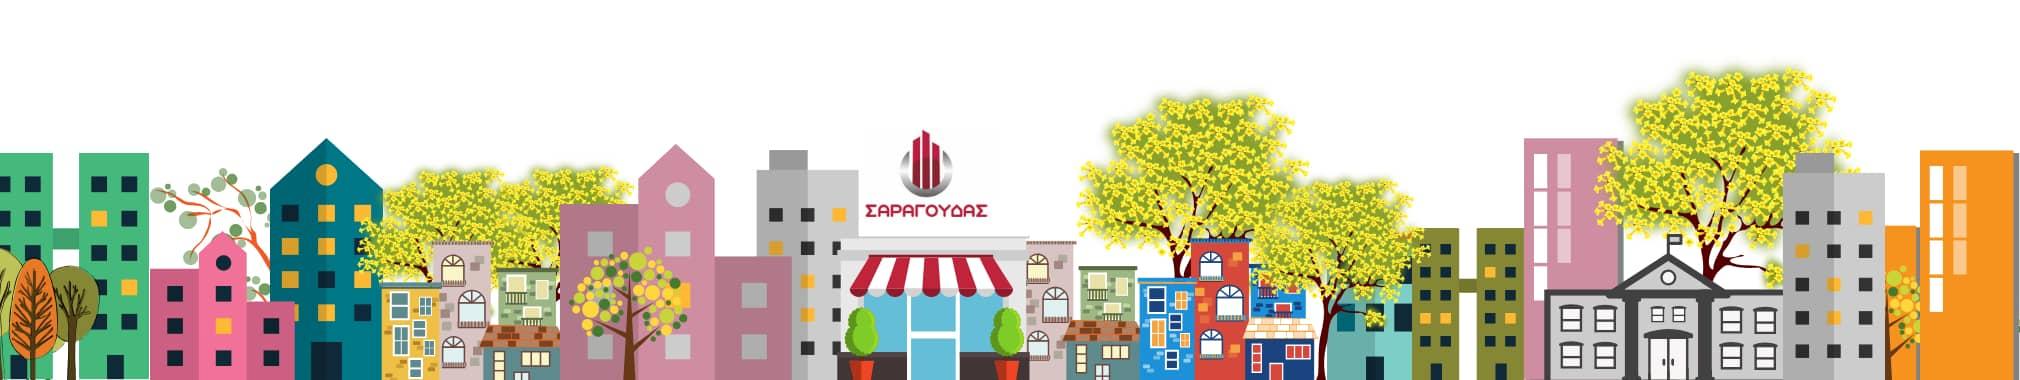 <a href='https://www.saragoudas.gr/ell/categories/Etaireia'>Προσθέτουμε αξία στις αγορές σας!</a>